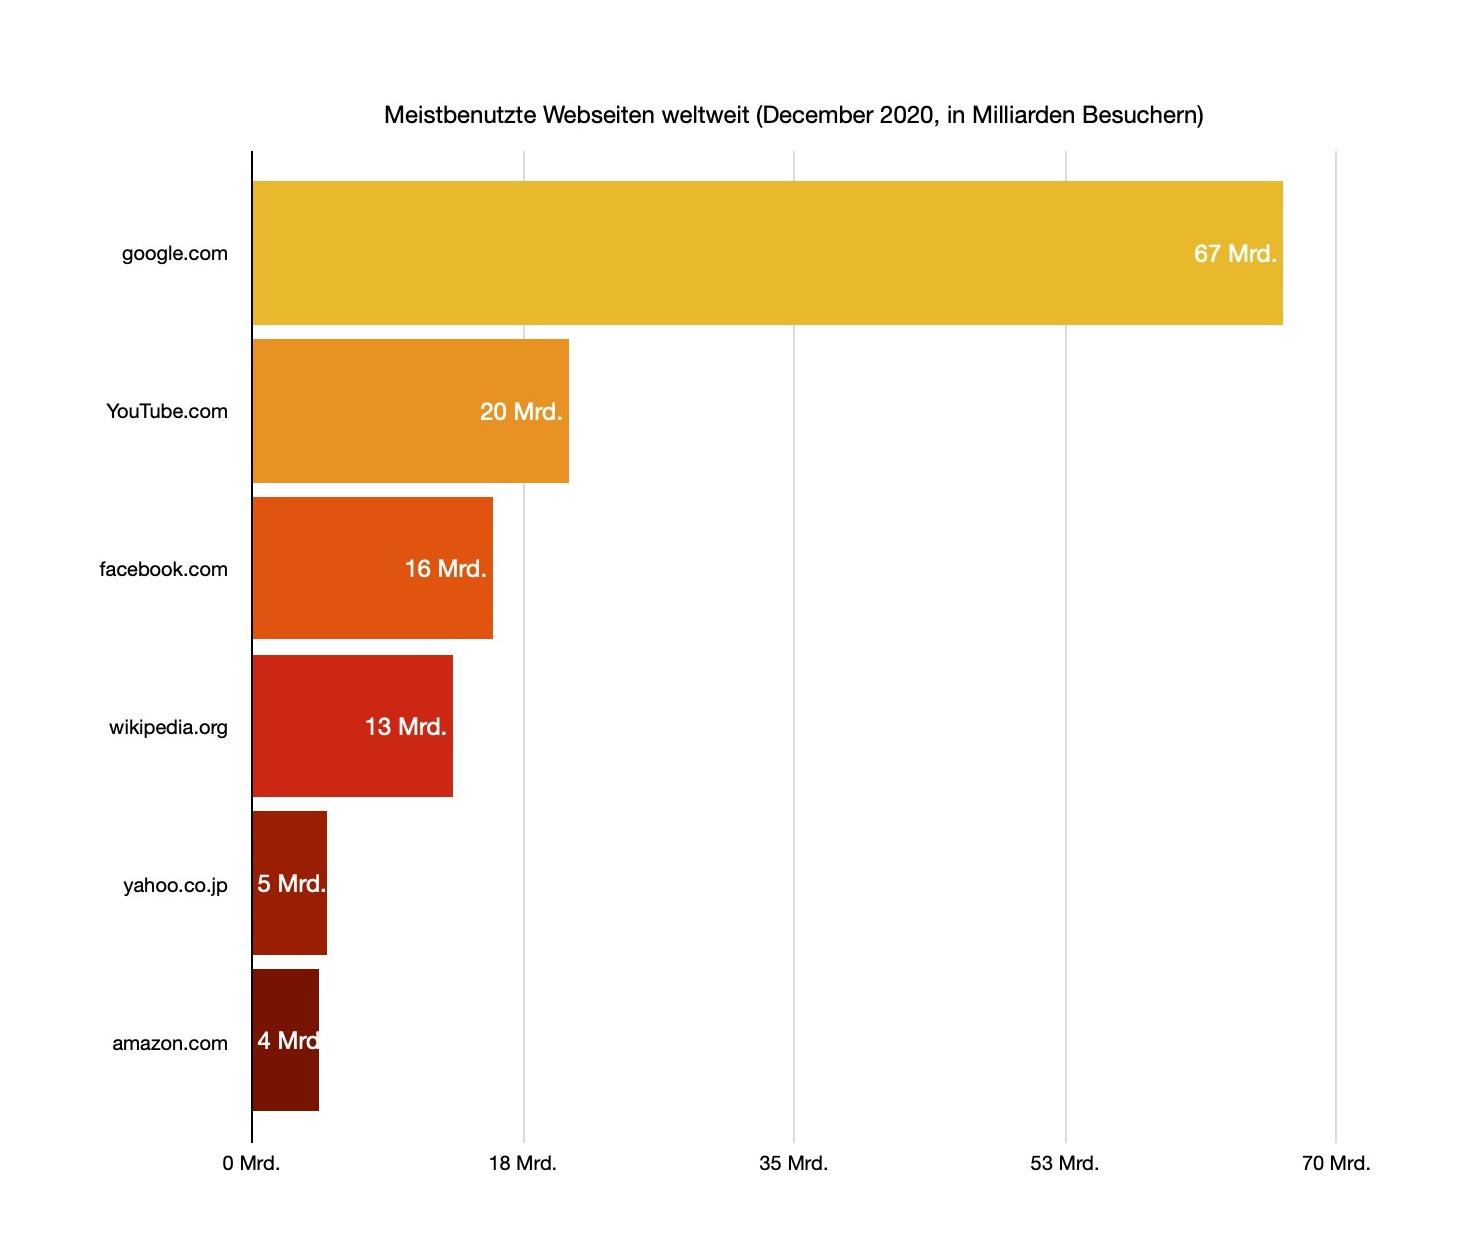 Meistbenutzte Webseiten Weltweit (Dezember 2020) in Milliarden Besuchern